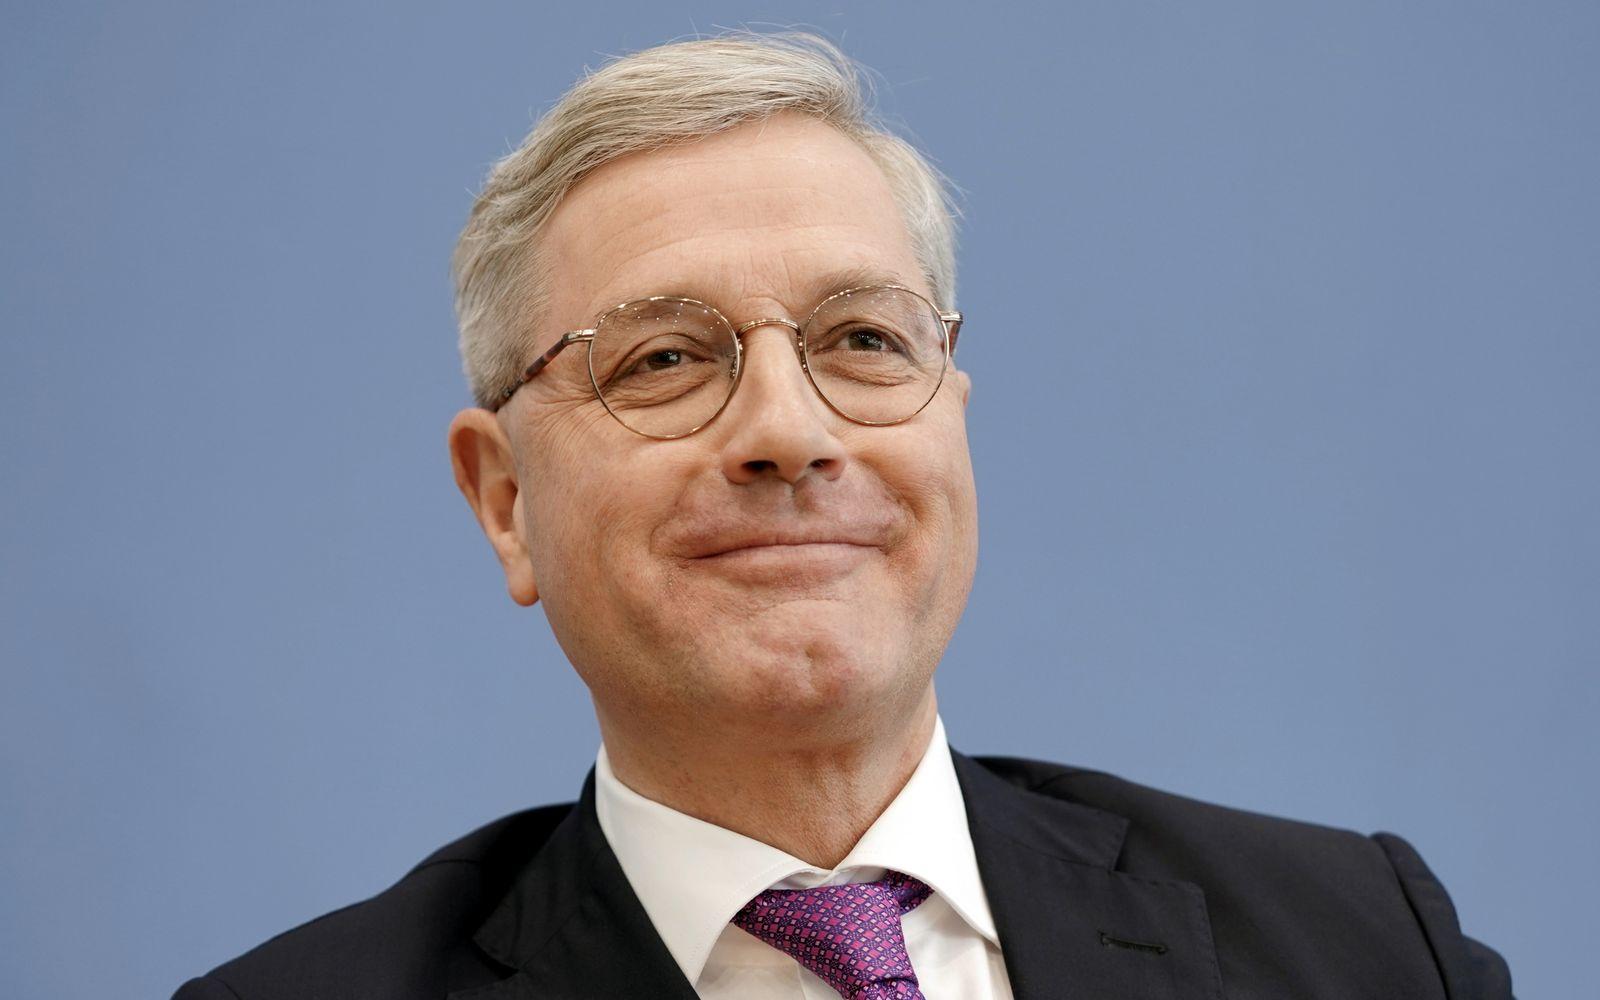 Norbert Röttgen zu seiner Kandidatur